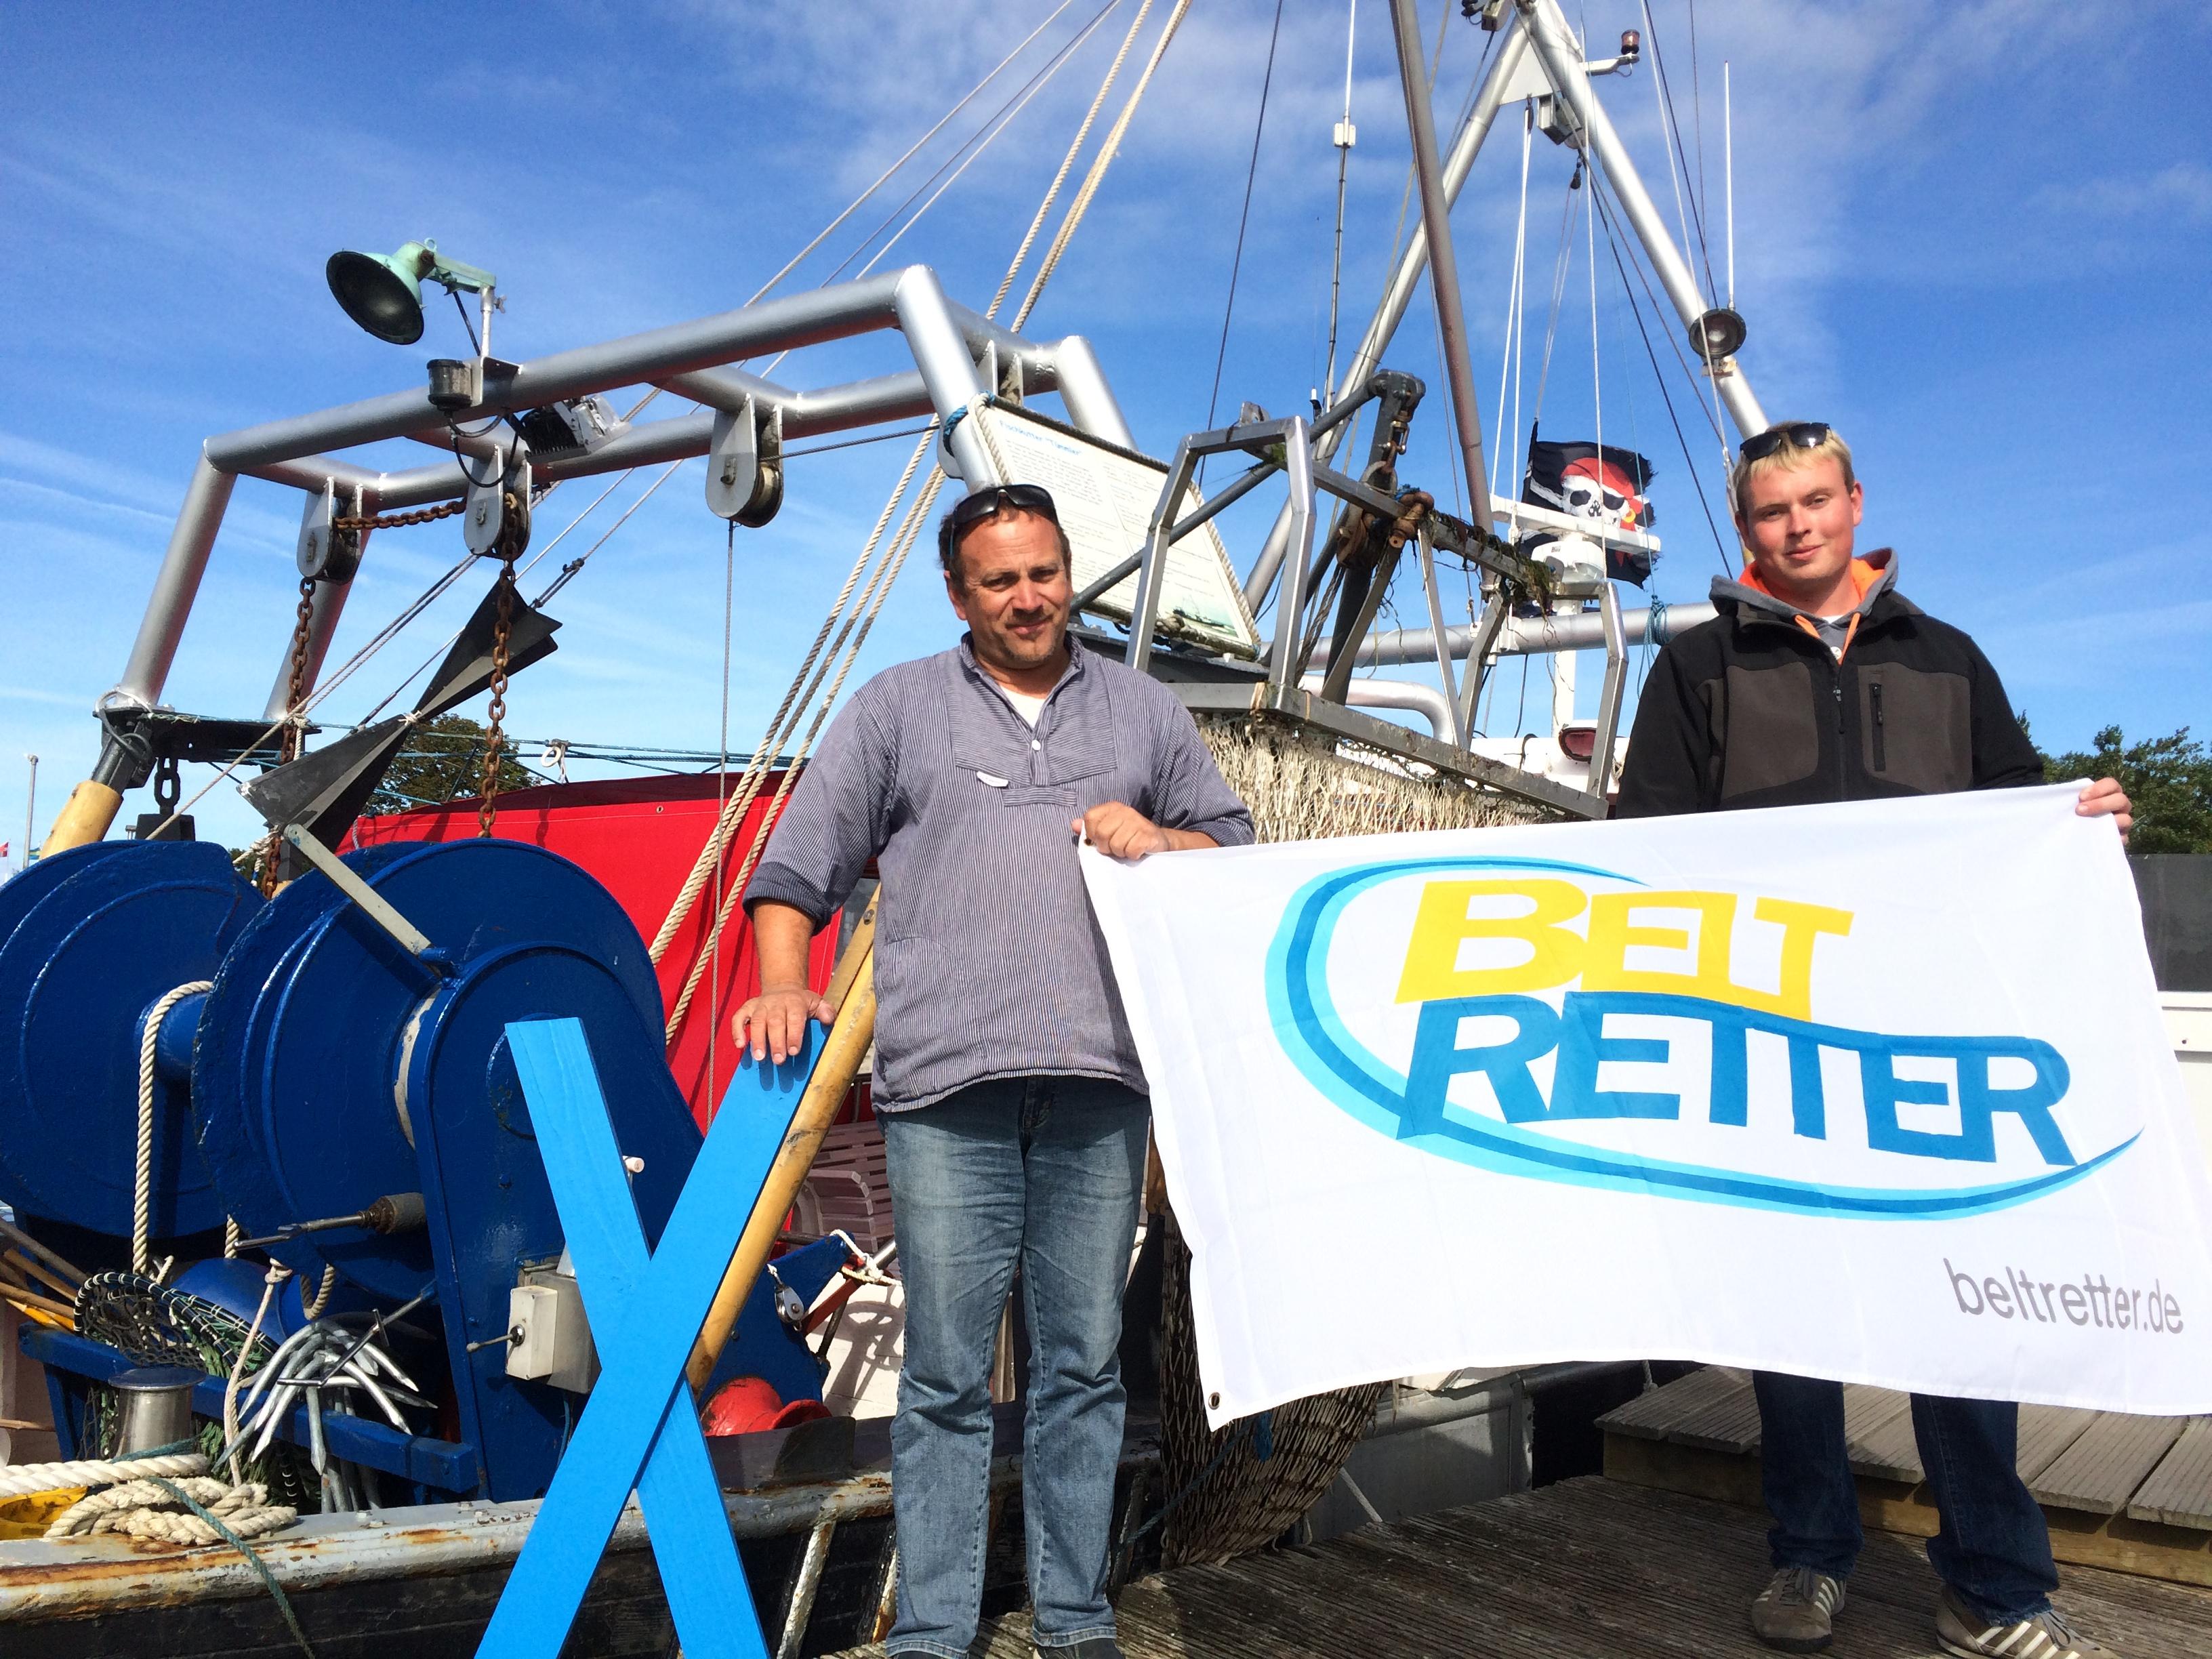 BU: Auch Gunnar Gerth-Hansen (links) und Frederik Otten sind jetzt – wie viele andere Fischer der Insel – BELTRETTER.